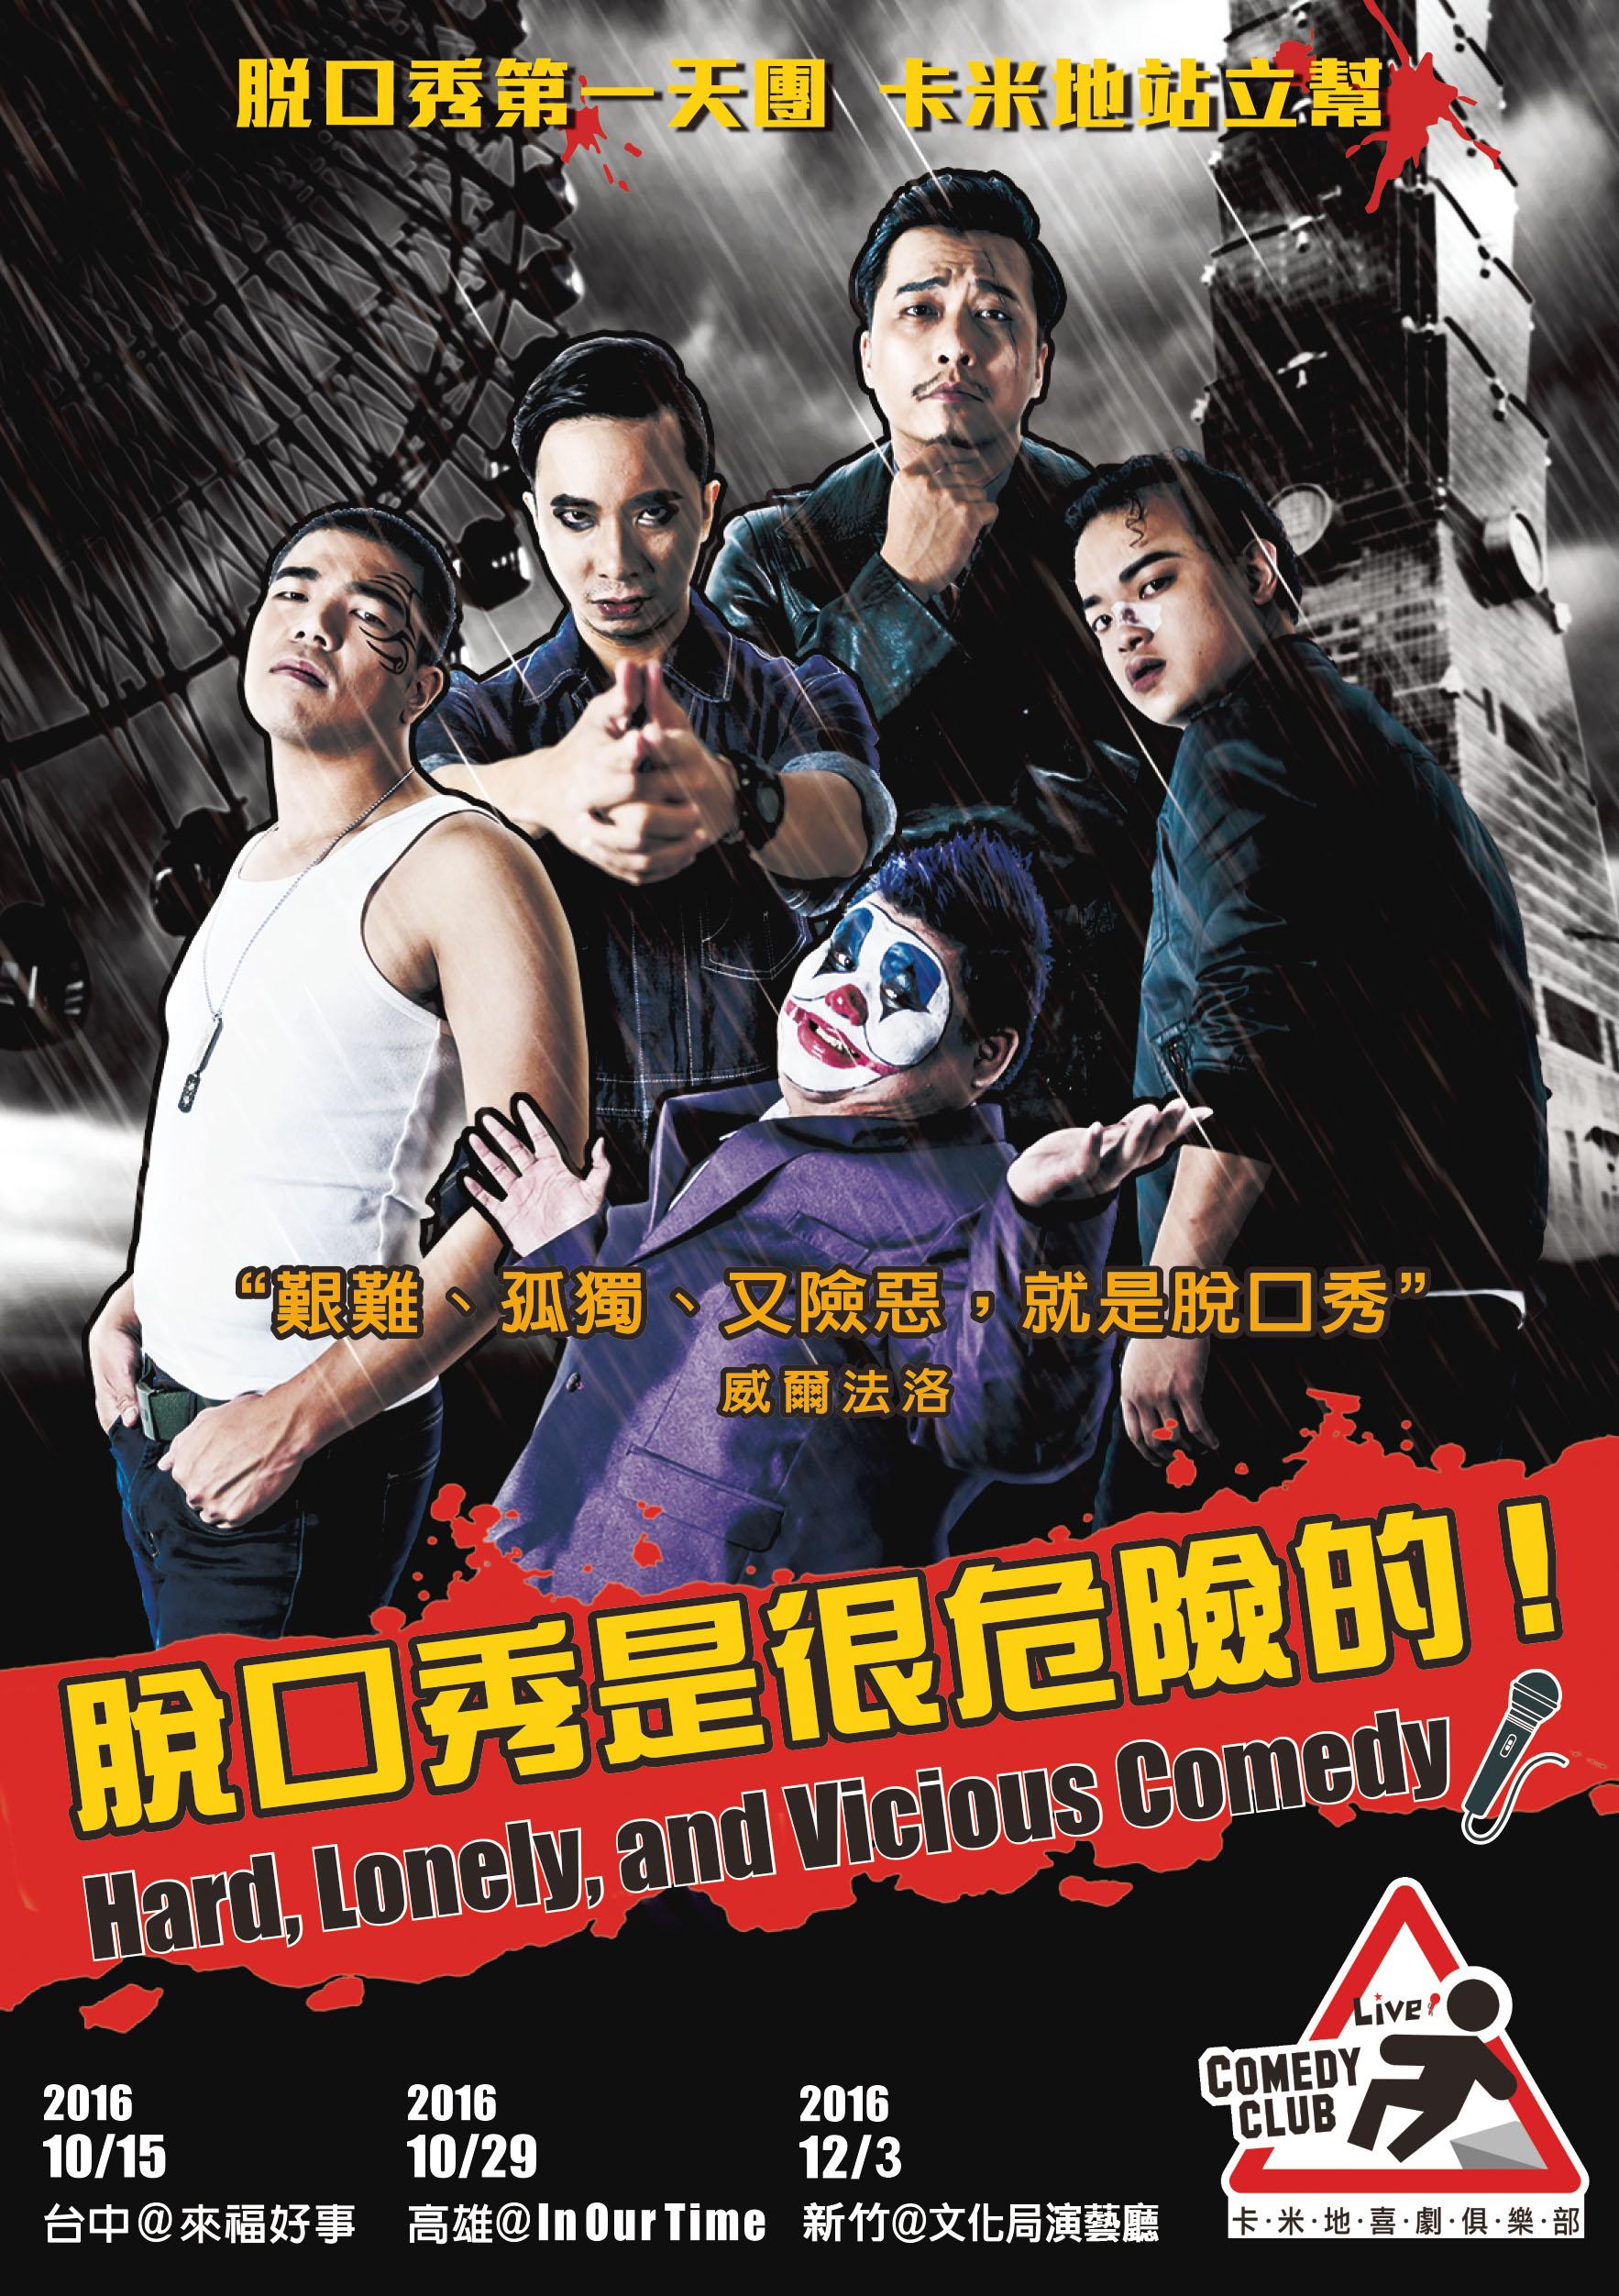 12/3 站立幫:脫口秀是很危險的! @新竹市文化局演藝廳